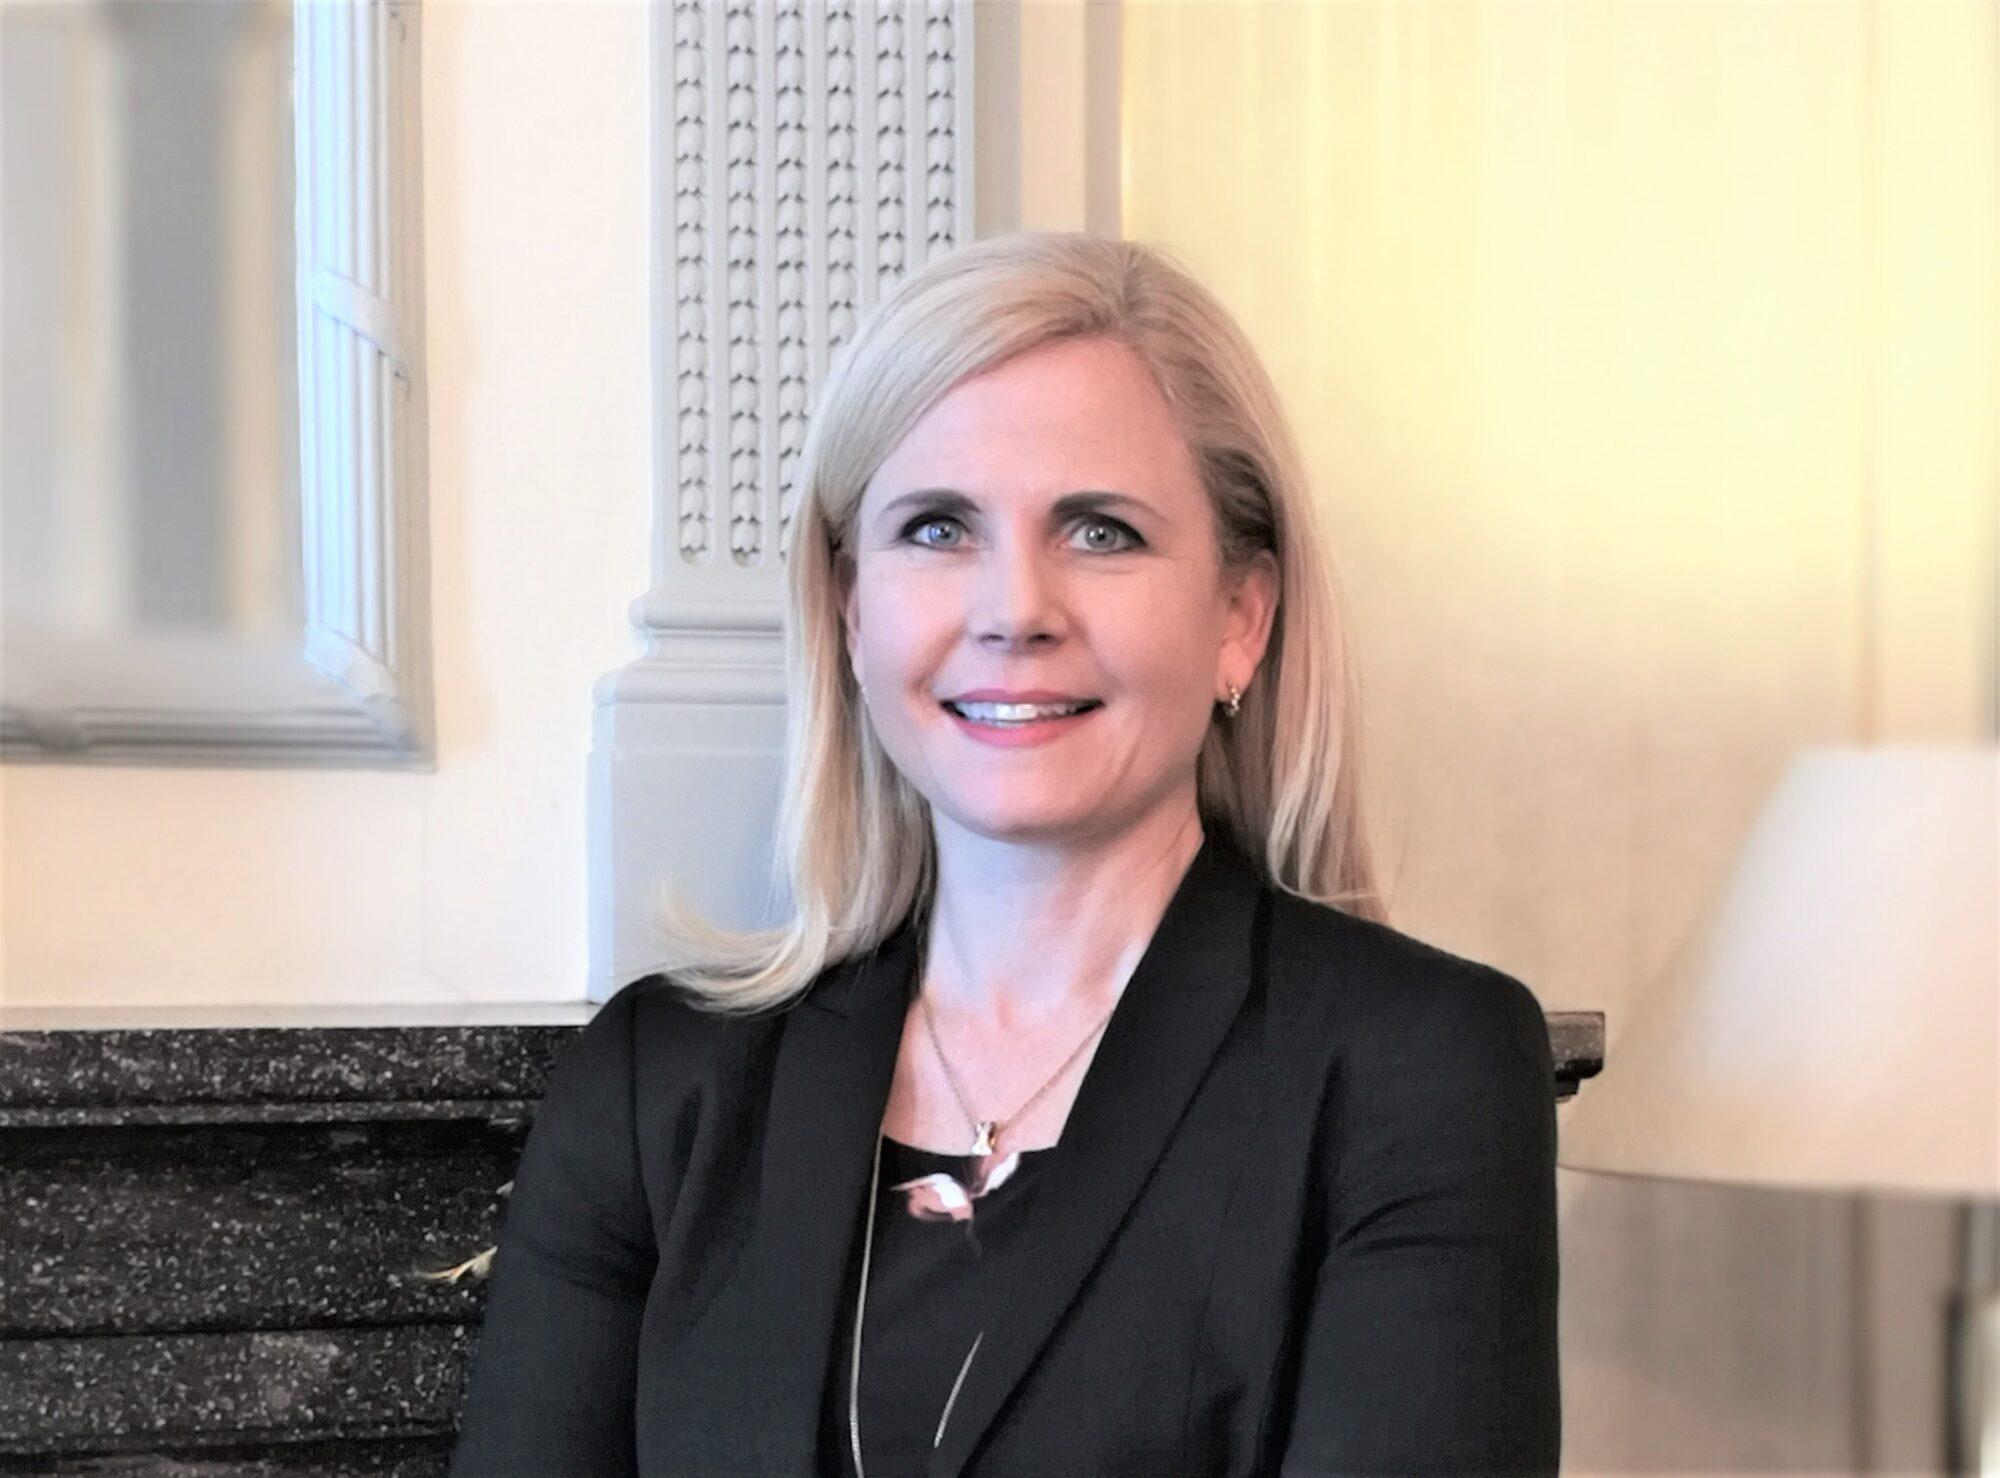 Karin Schreil blir EVRY Sveriges nya VD